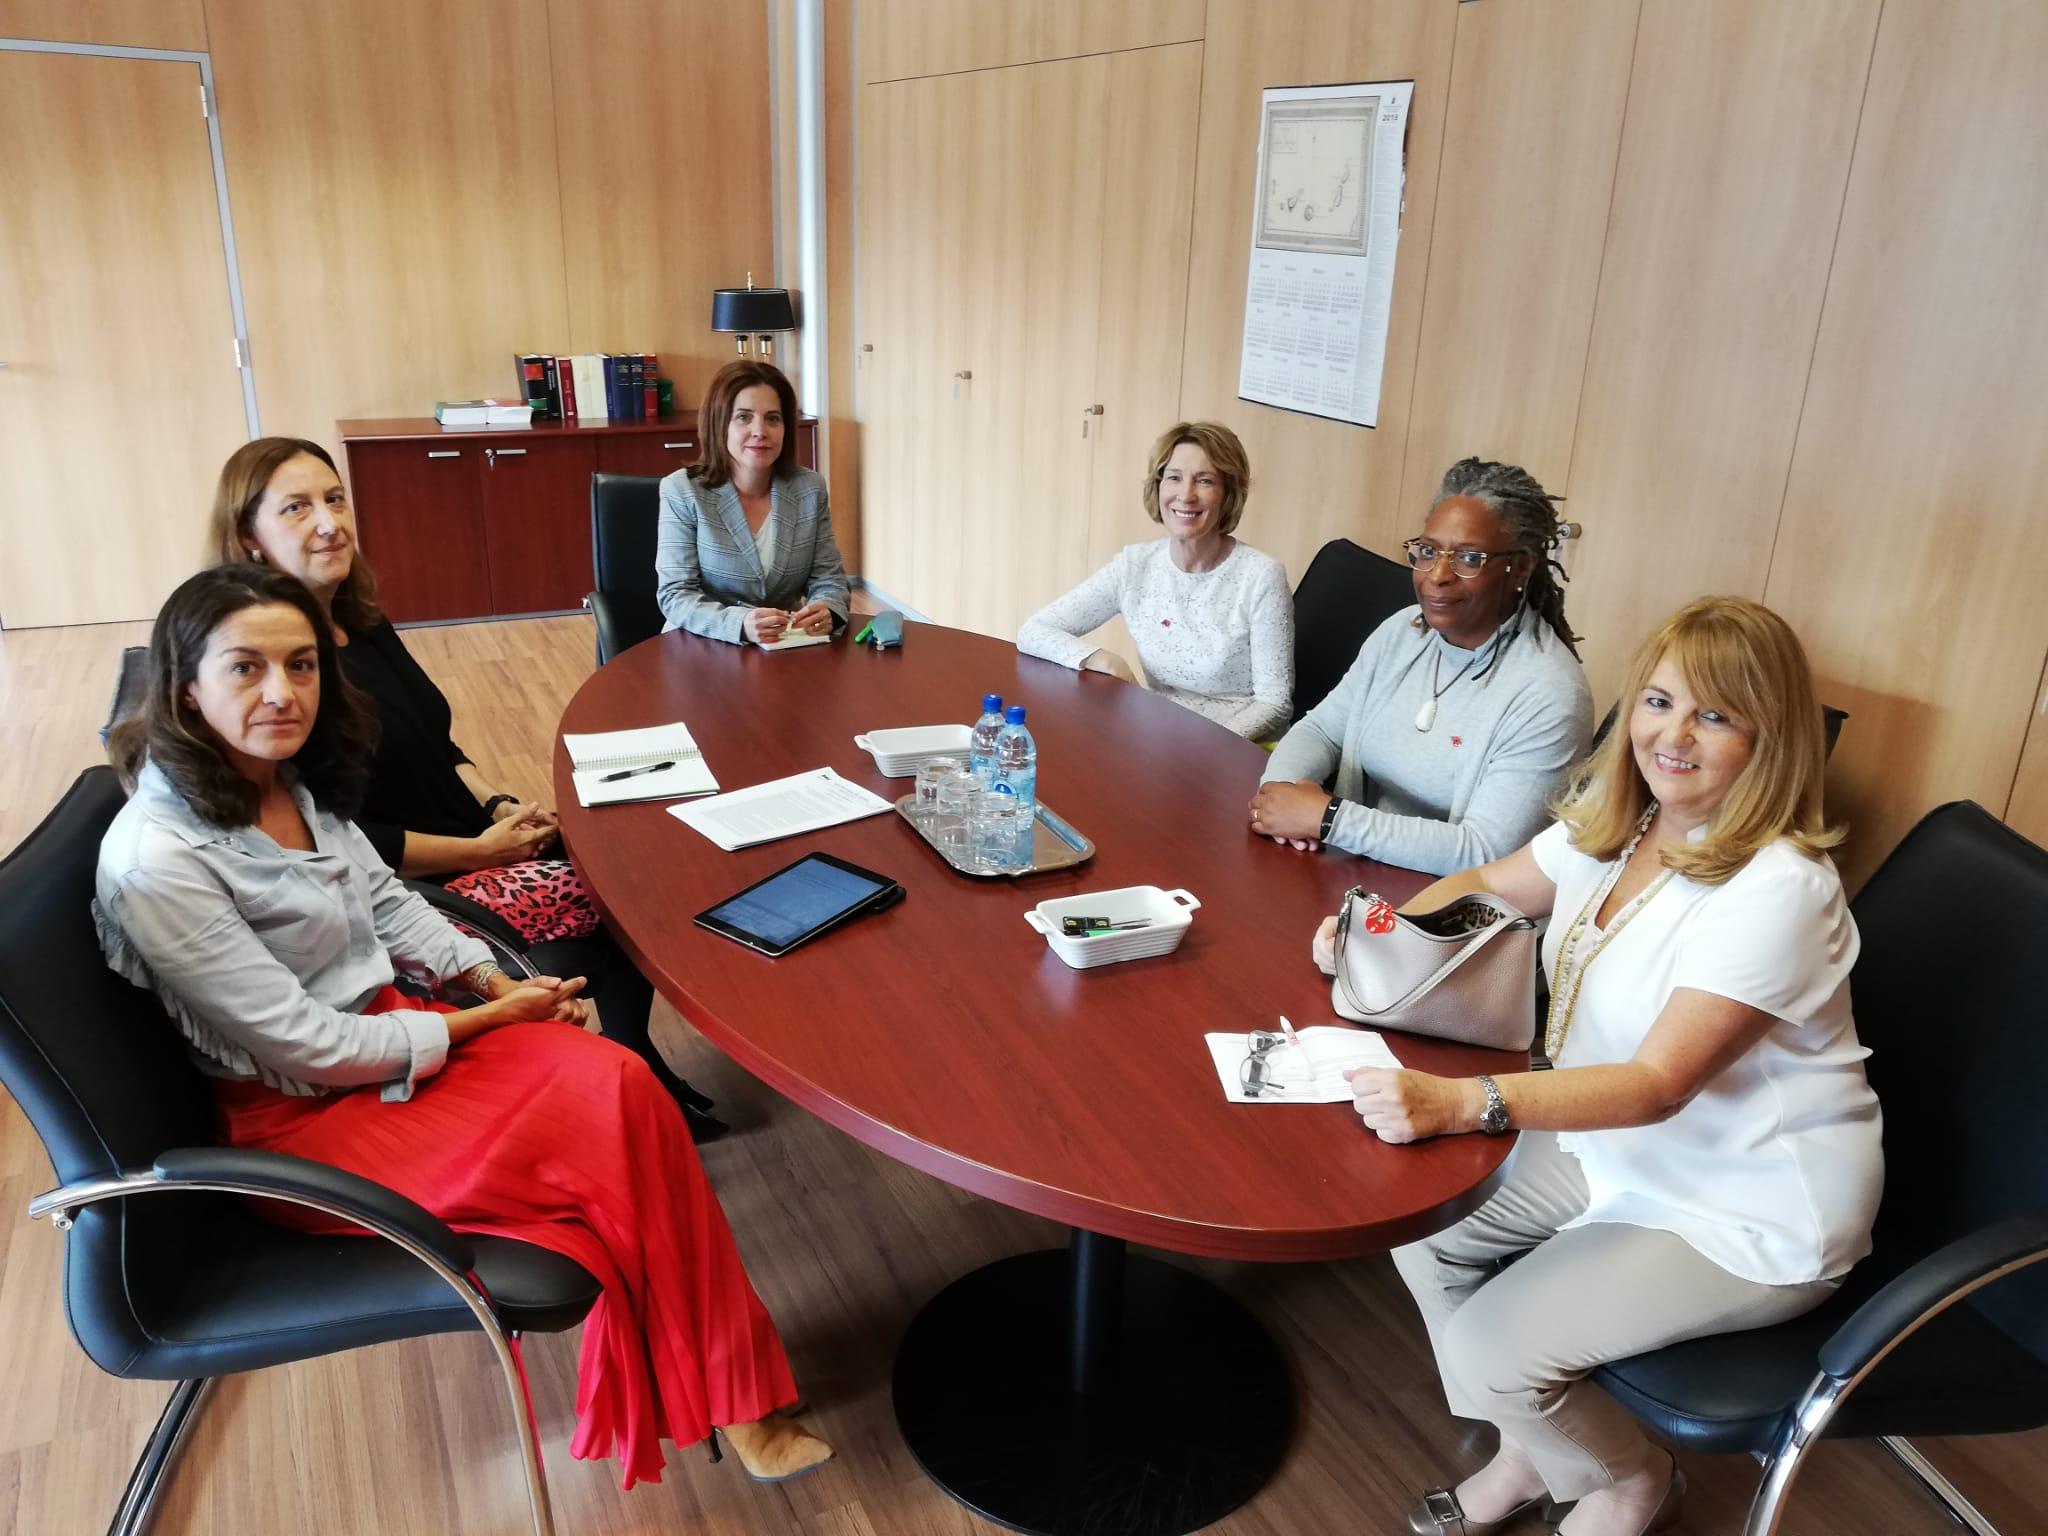 La consejera de Sanidad se reúne con las autoridades consulares de Reino Unido en Canarias